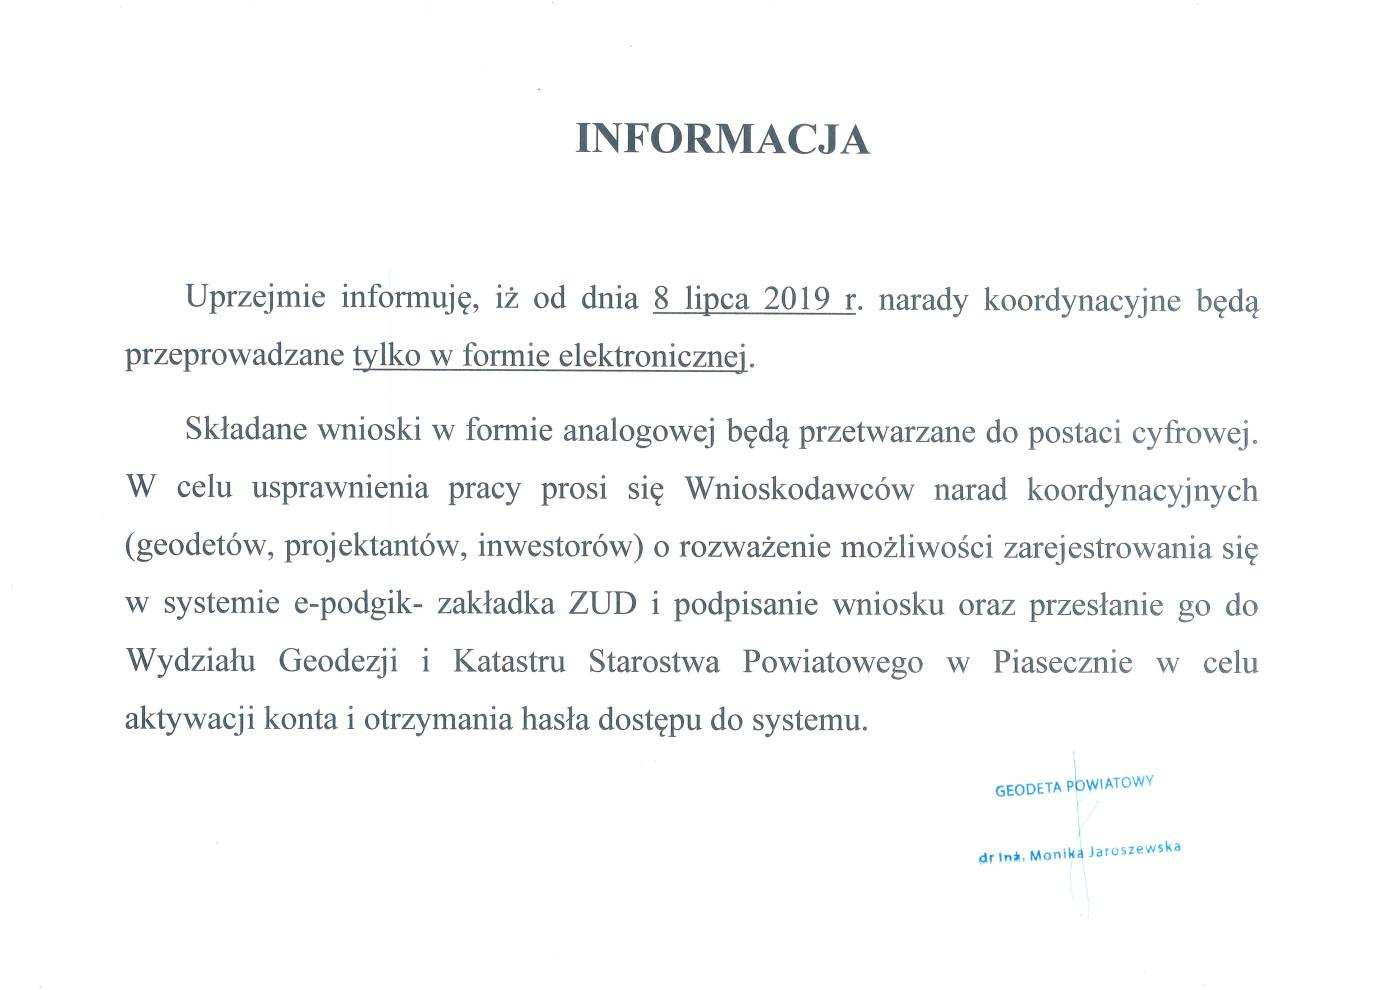 Informacja w sprawie narad koordynacyjnych